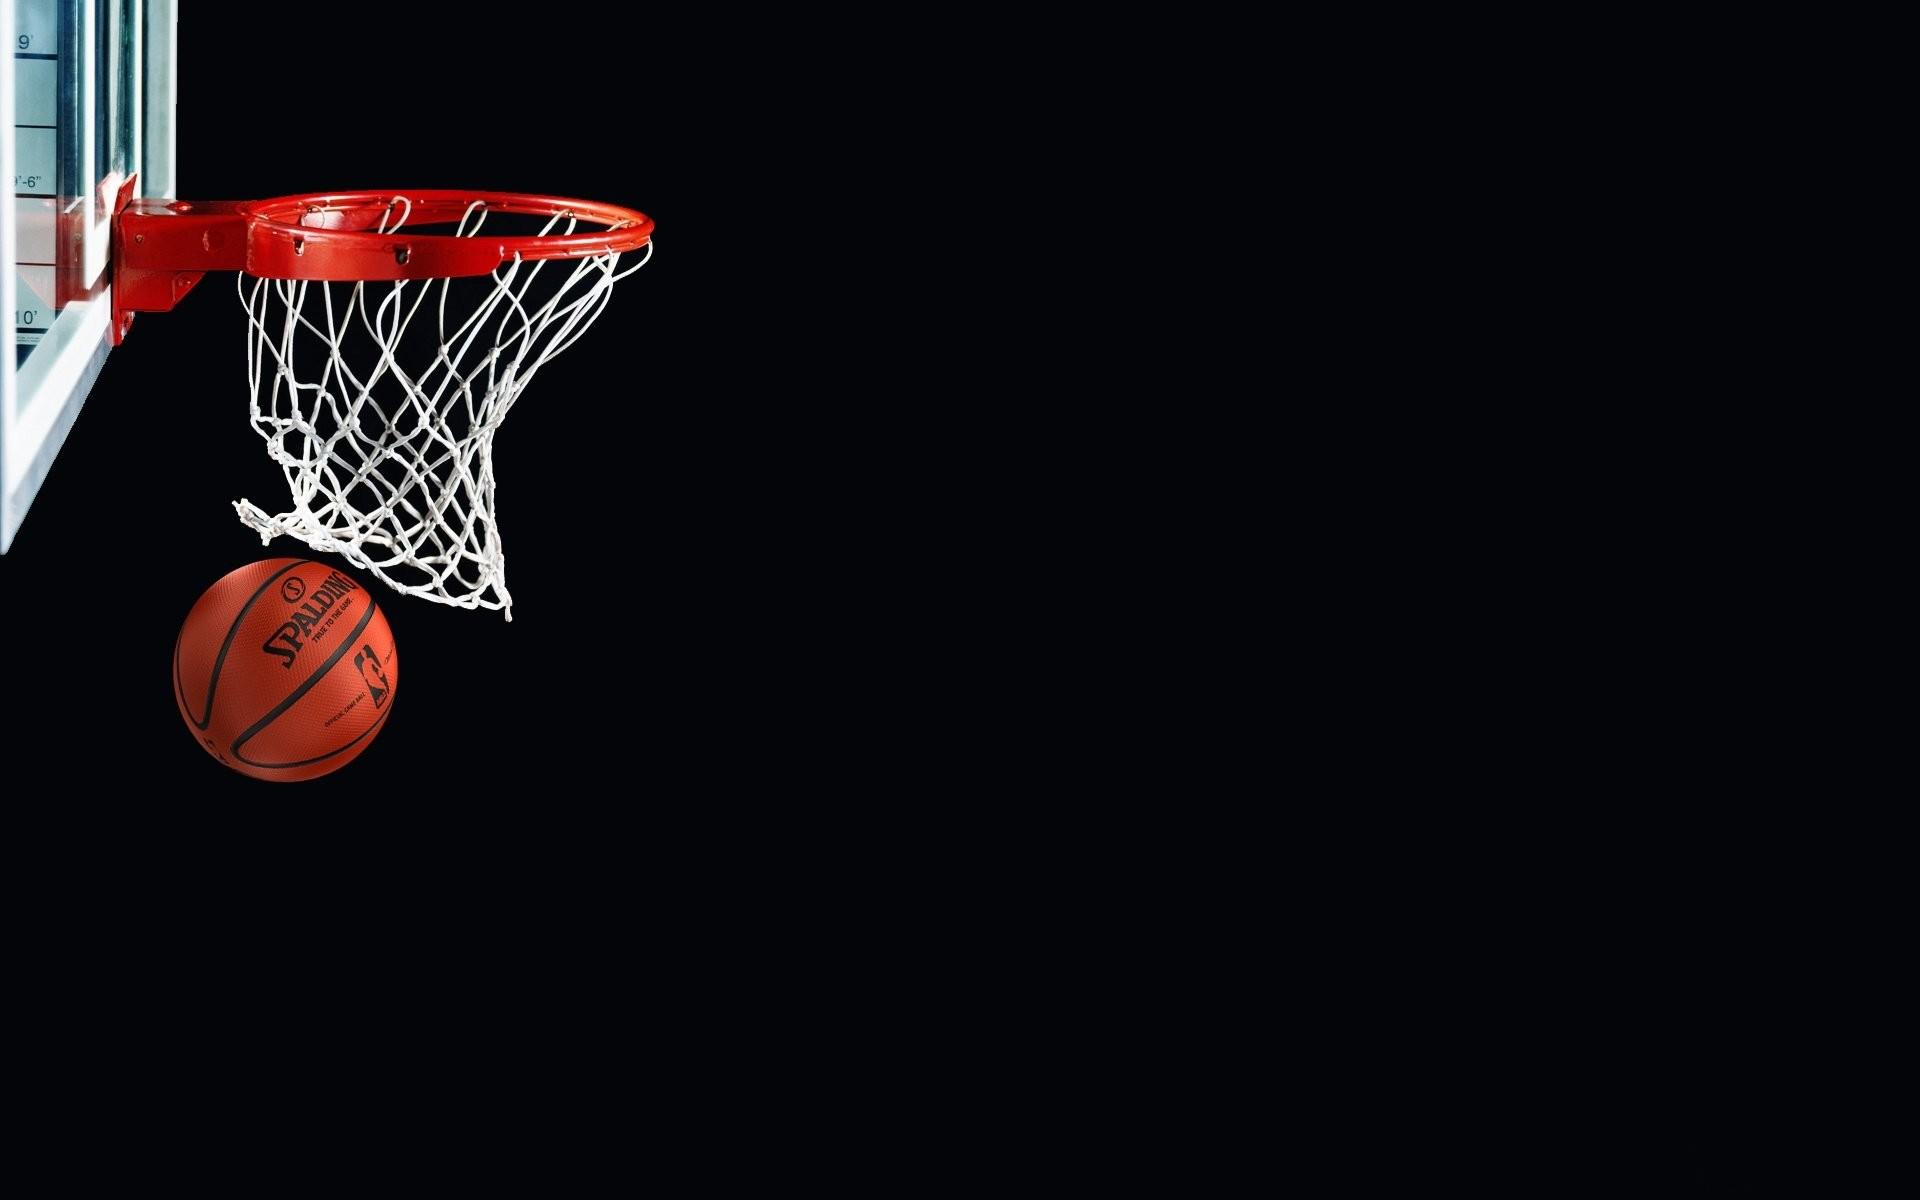 Basketball Desktop Backgrounds 58 Images